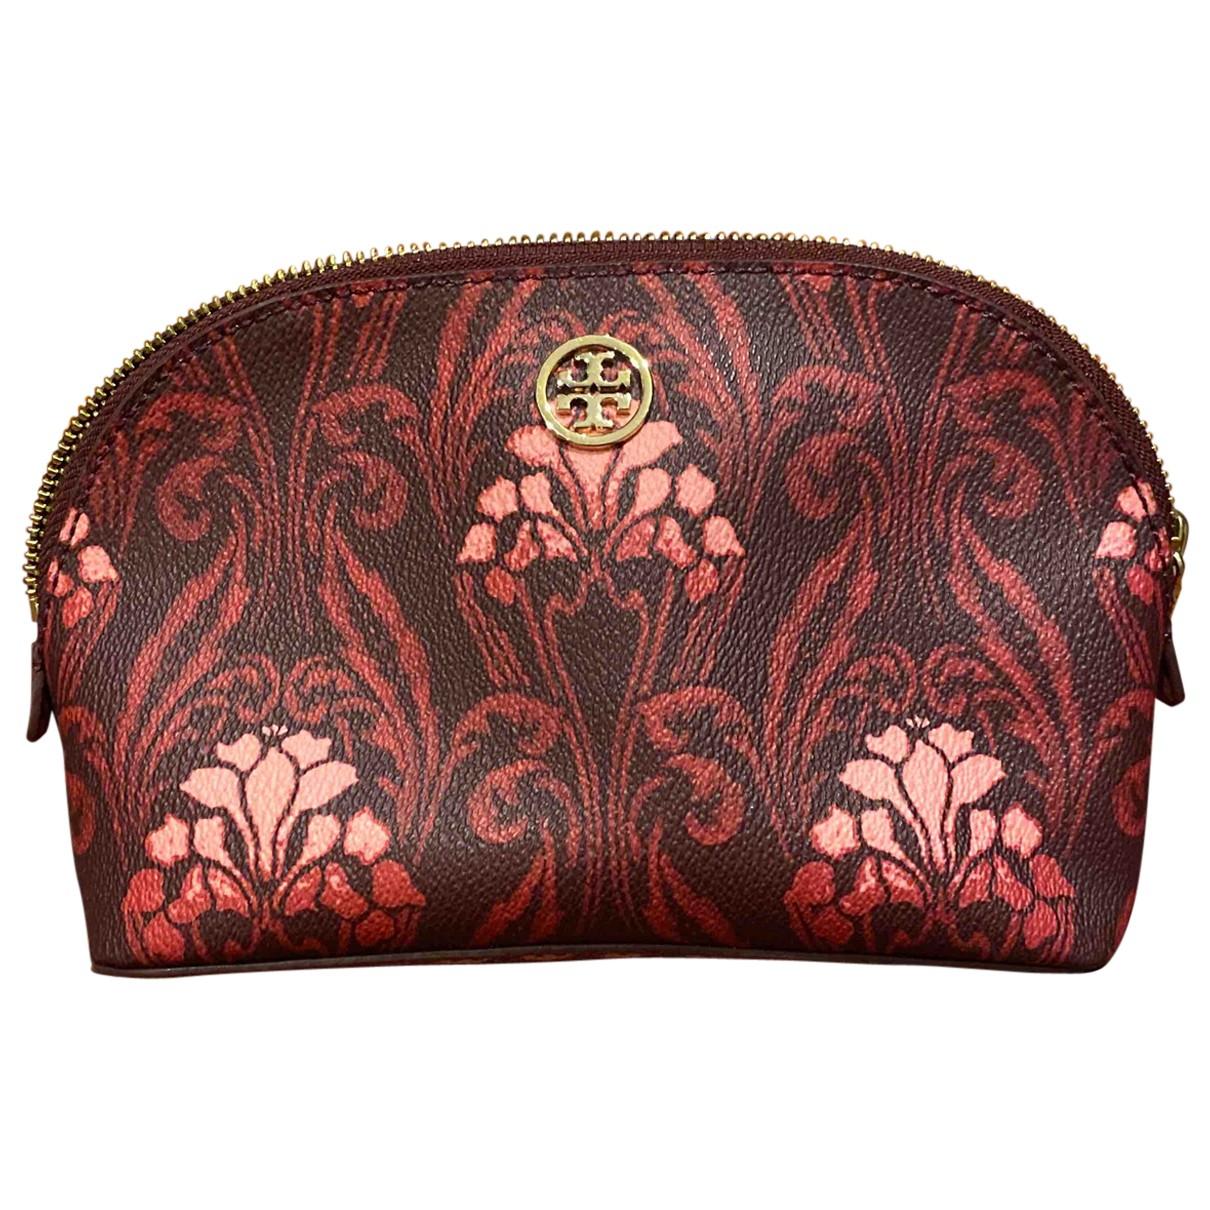 Tory Burch N Burgundy Leather Clutch bag for Women N